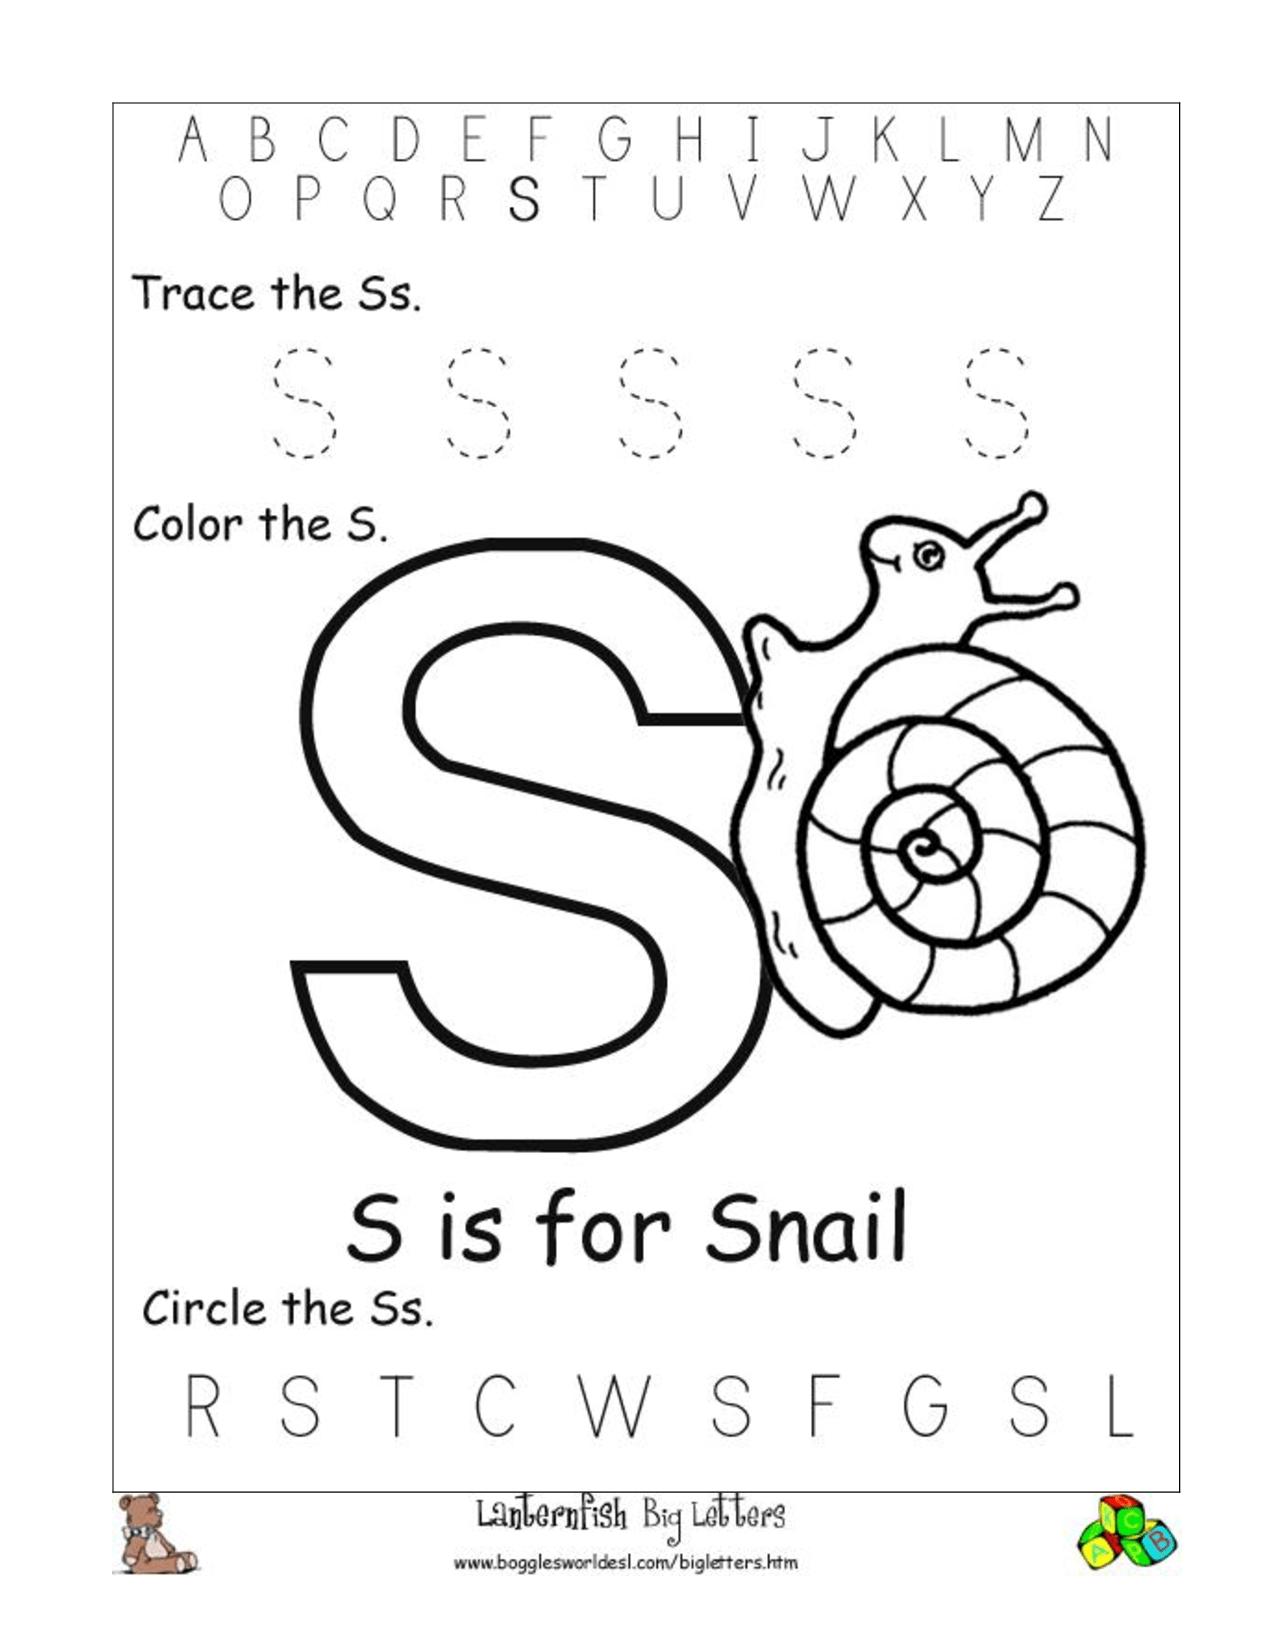 Worksheet Of Junior Kg Printable Worksheets And Activities